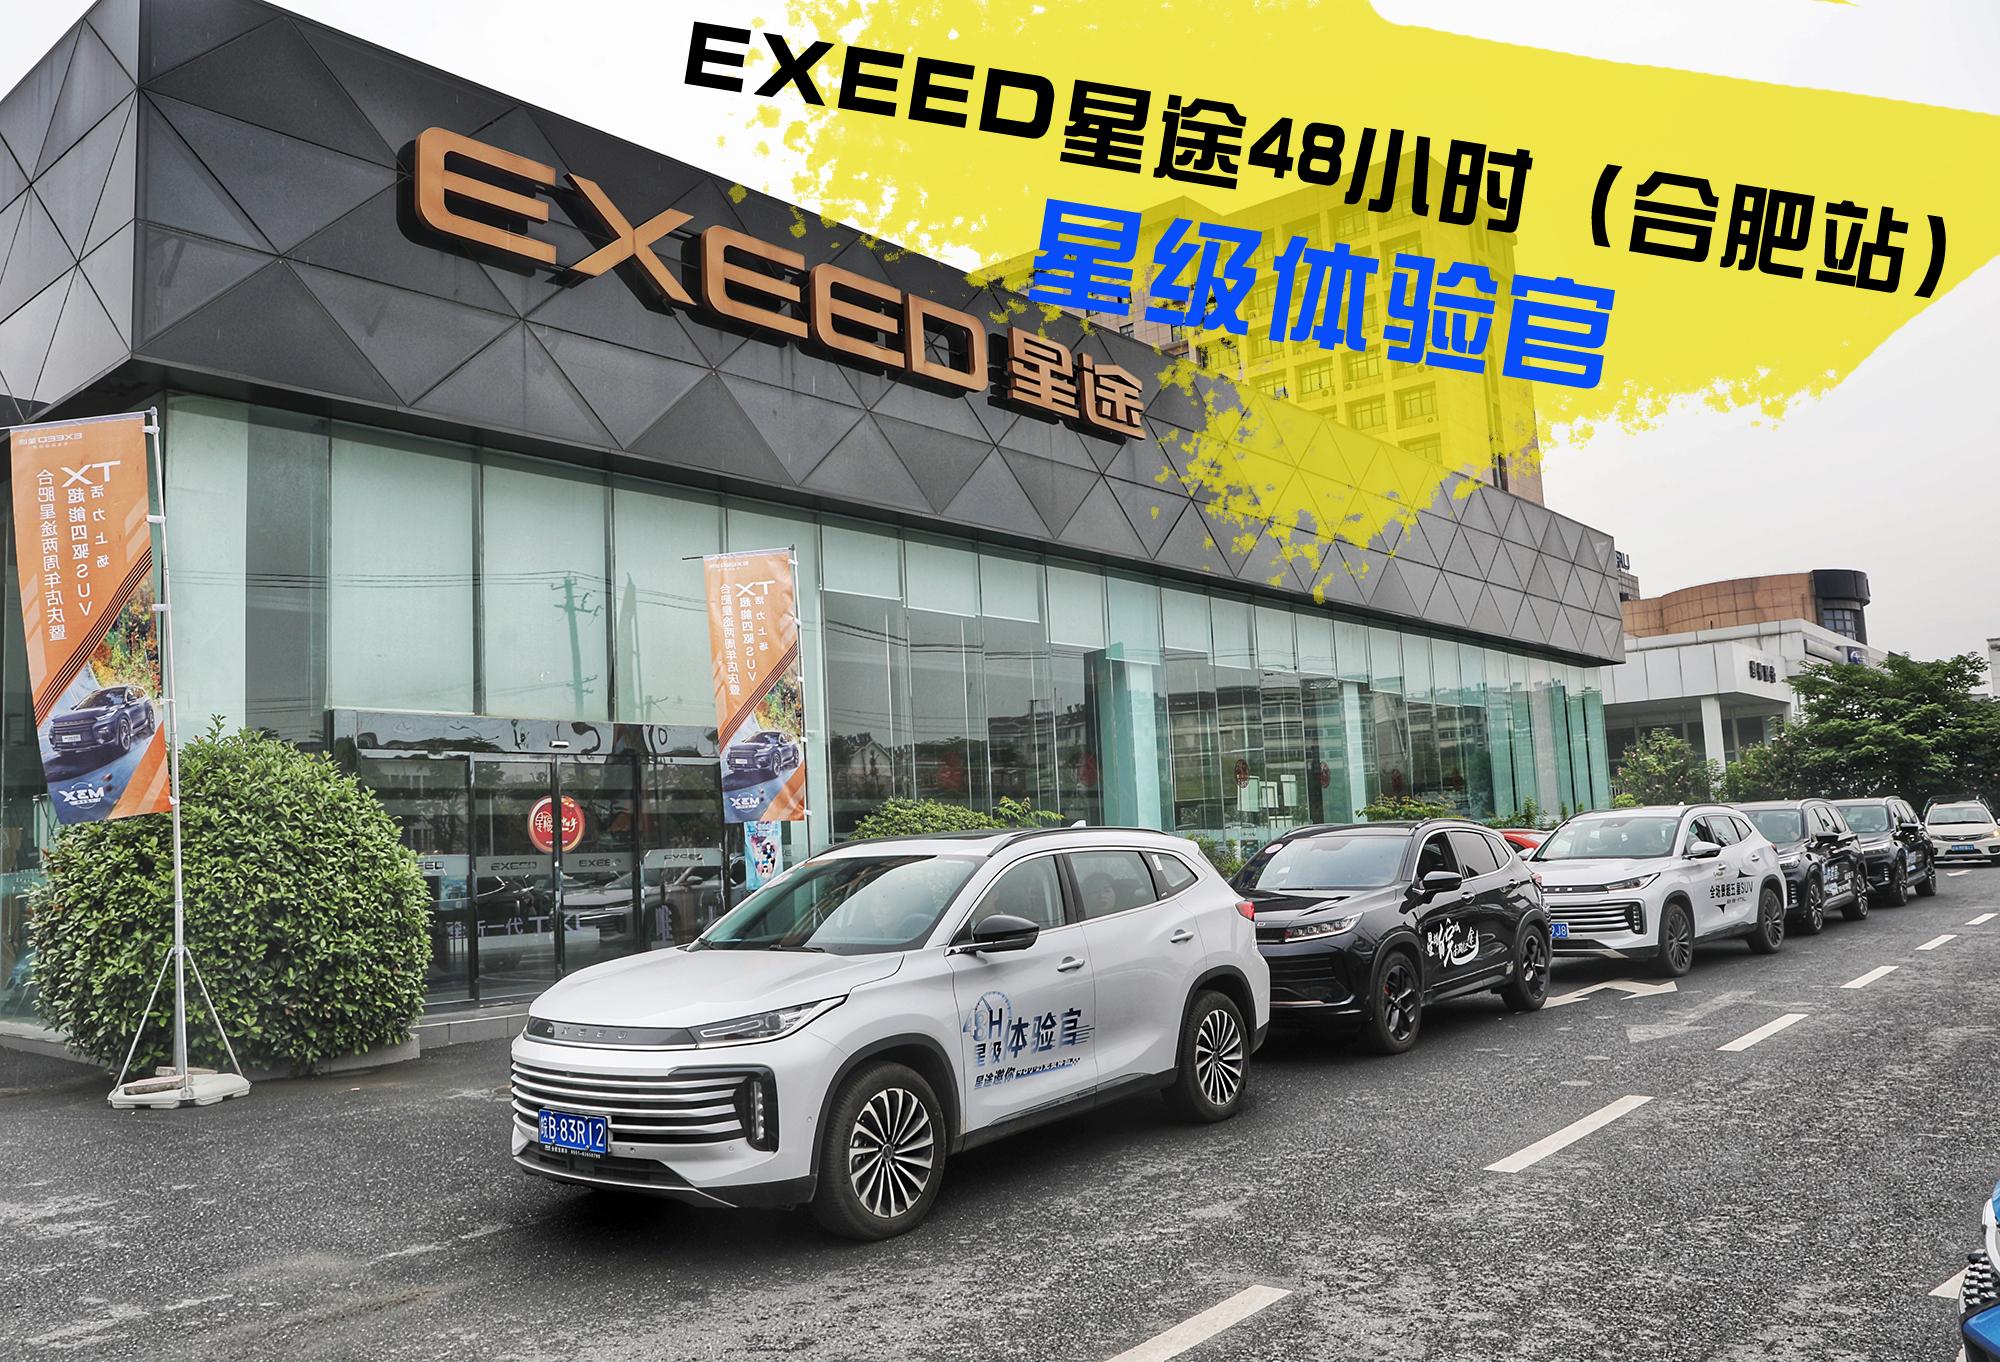 EXEED星途48小时星级体验官 全能座驾实地试驾新体验